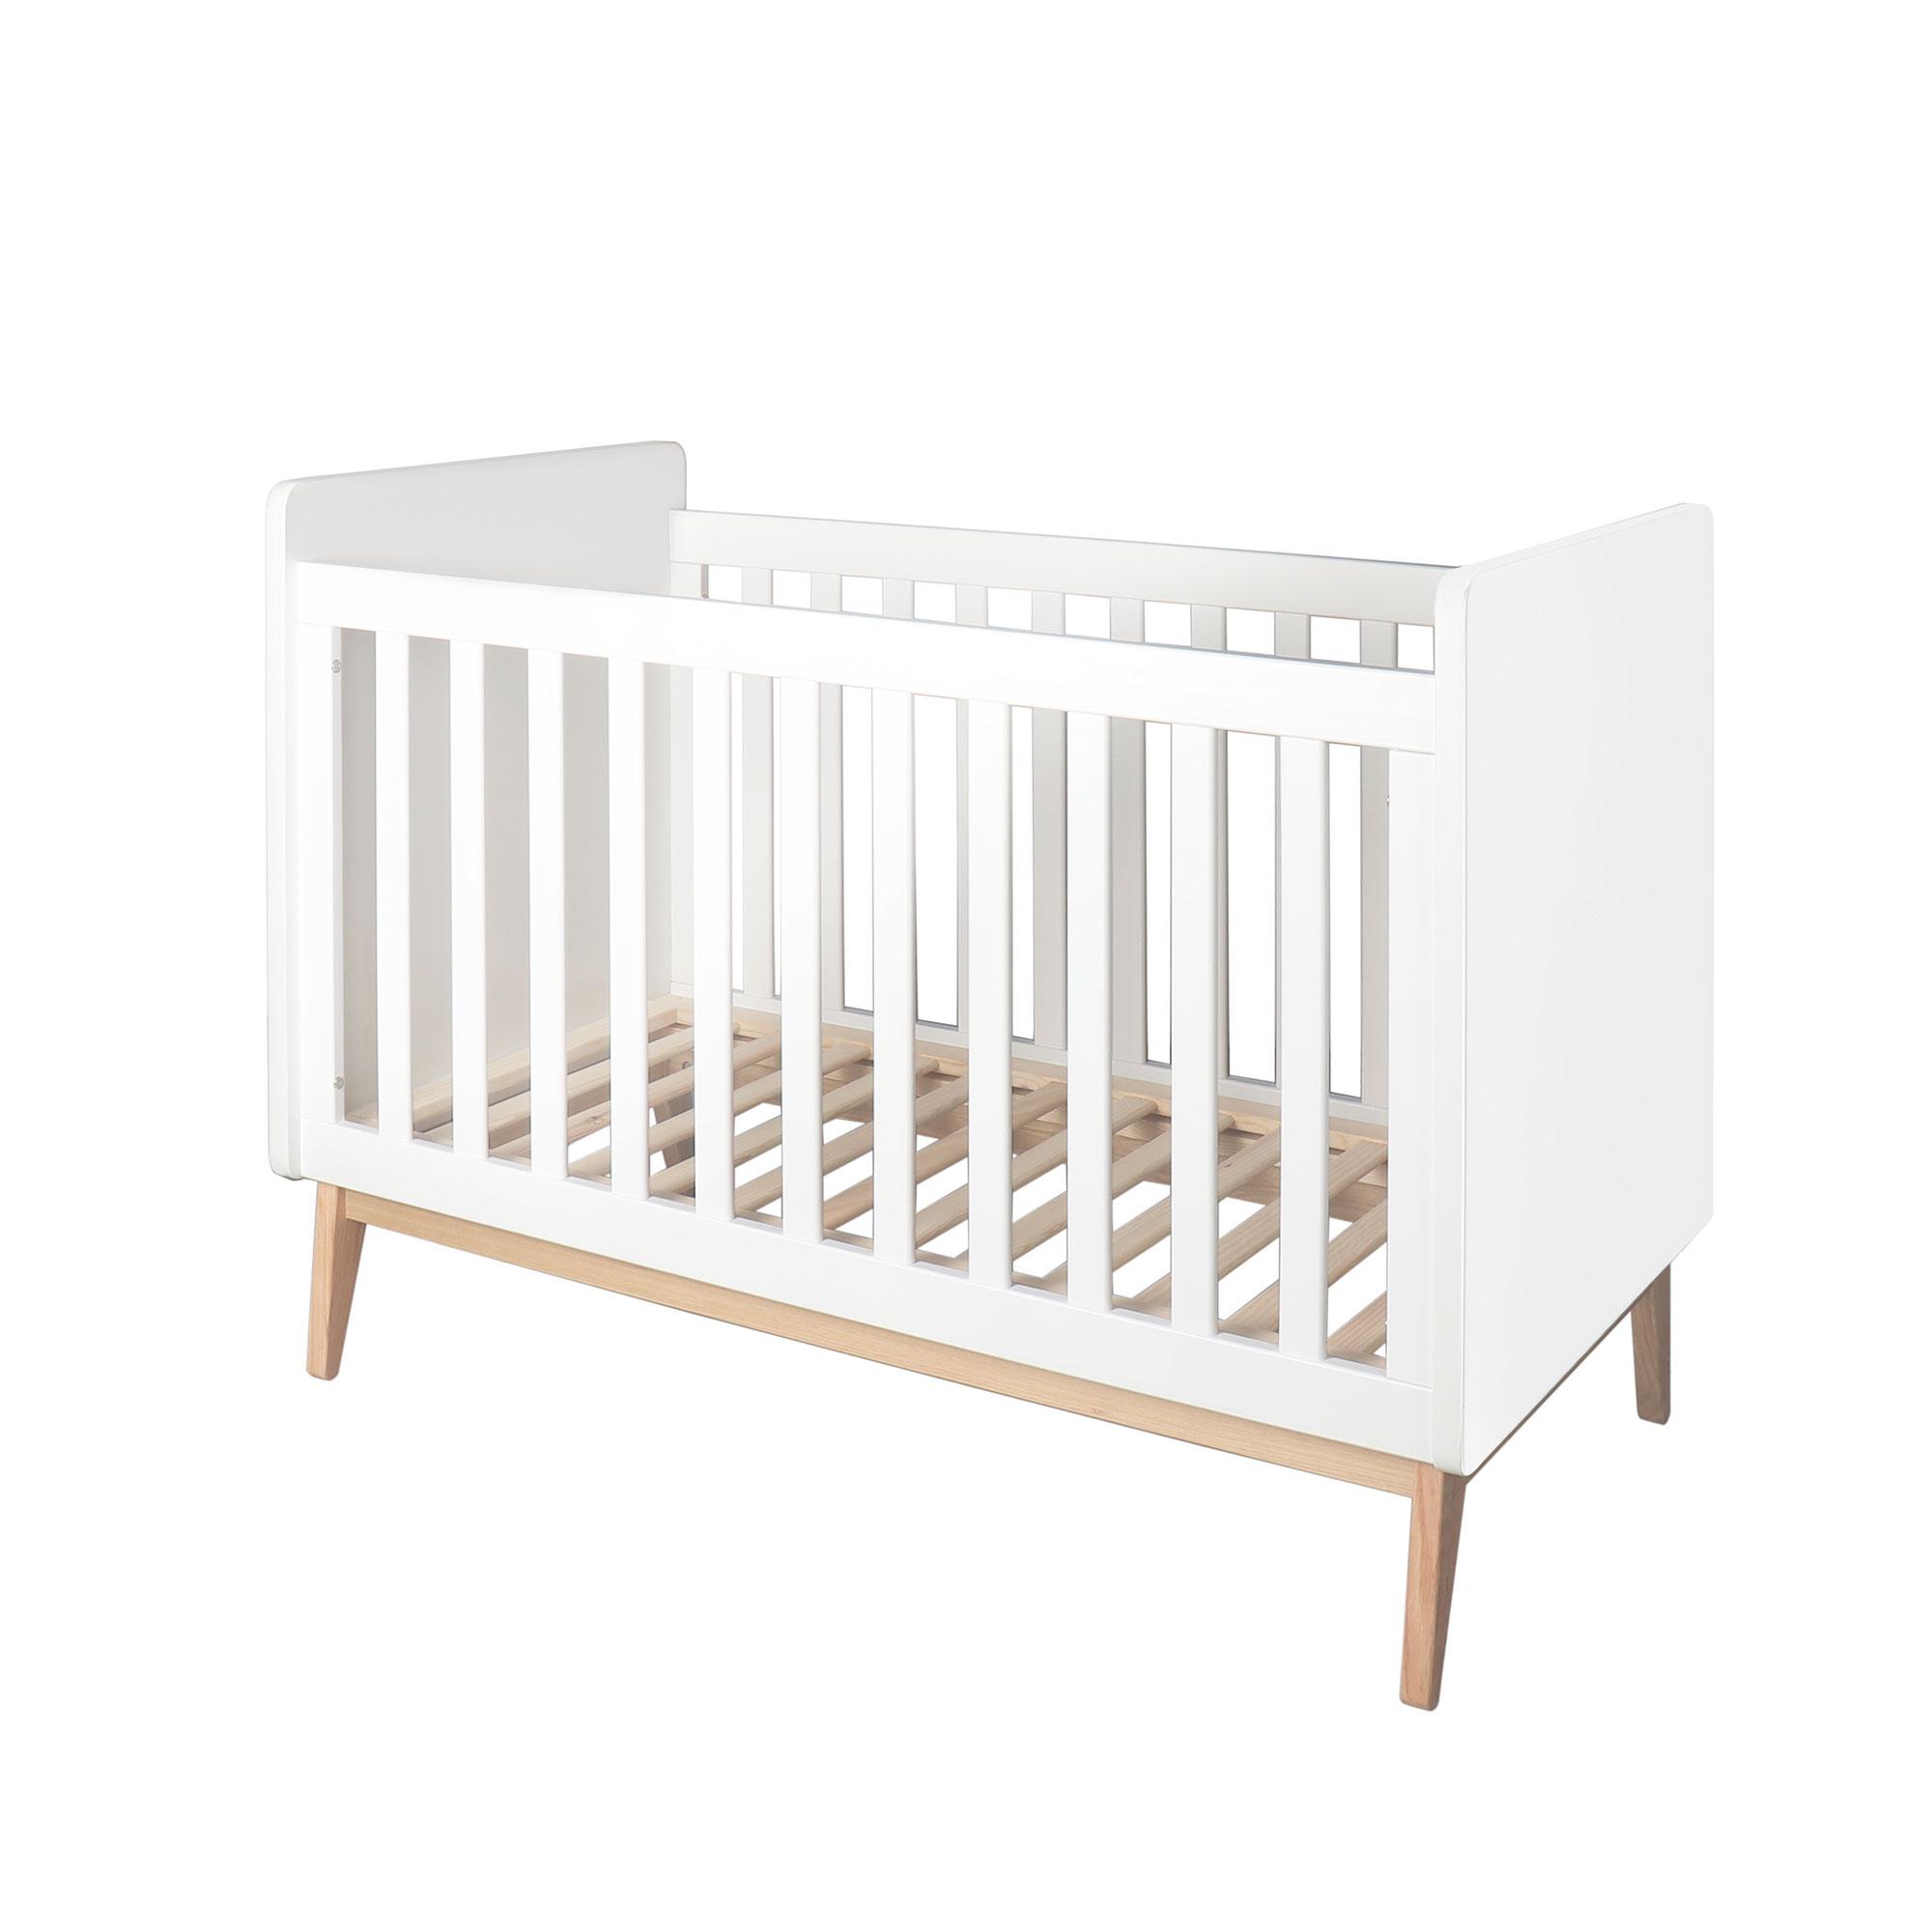 Homcom Lit bébé  barreaux 60 x 120 cm sommier lattes hauteur réglable blanc